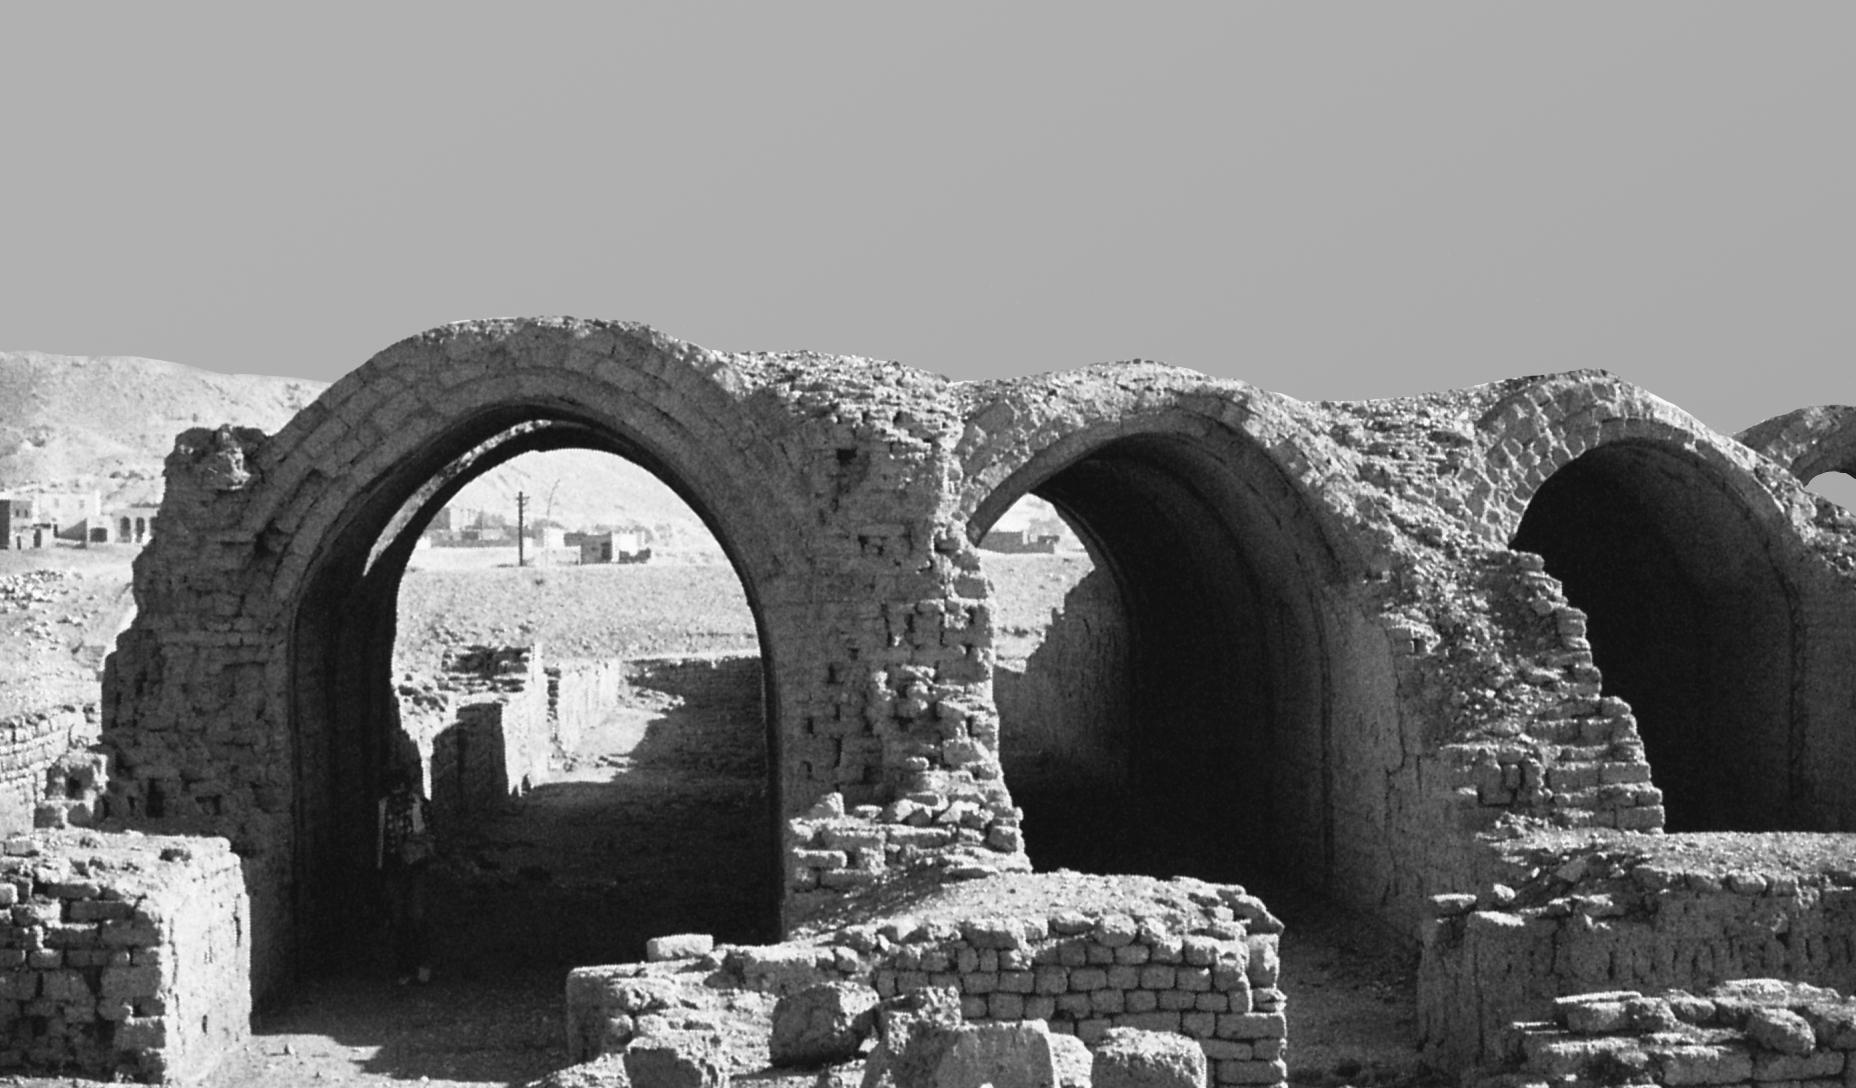 انبارهای معبد رامسس دوم، گورنا، مصر